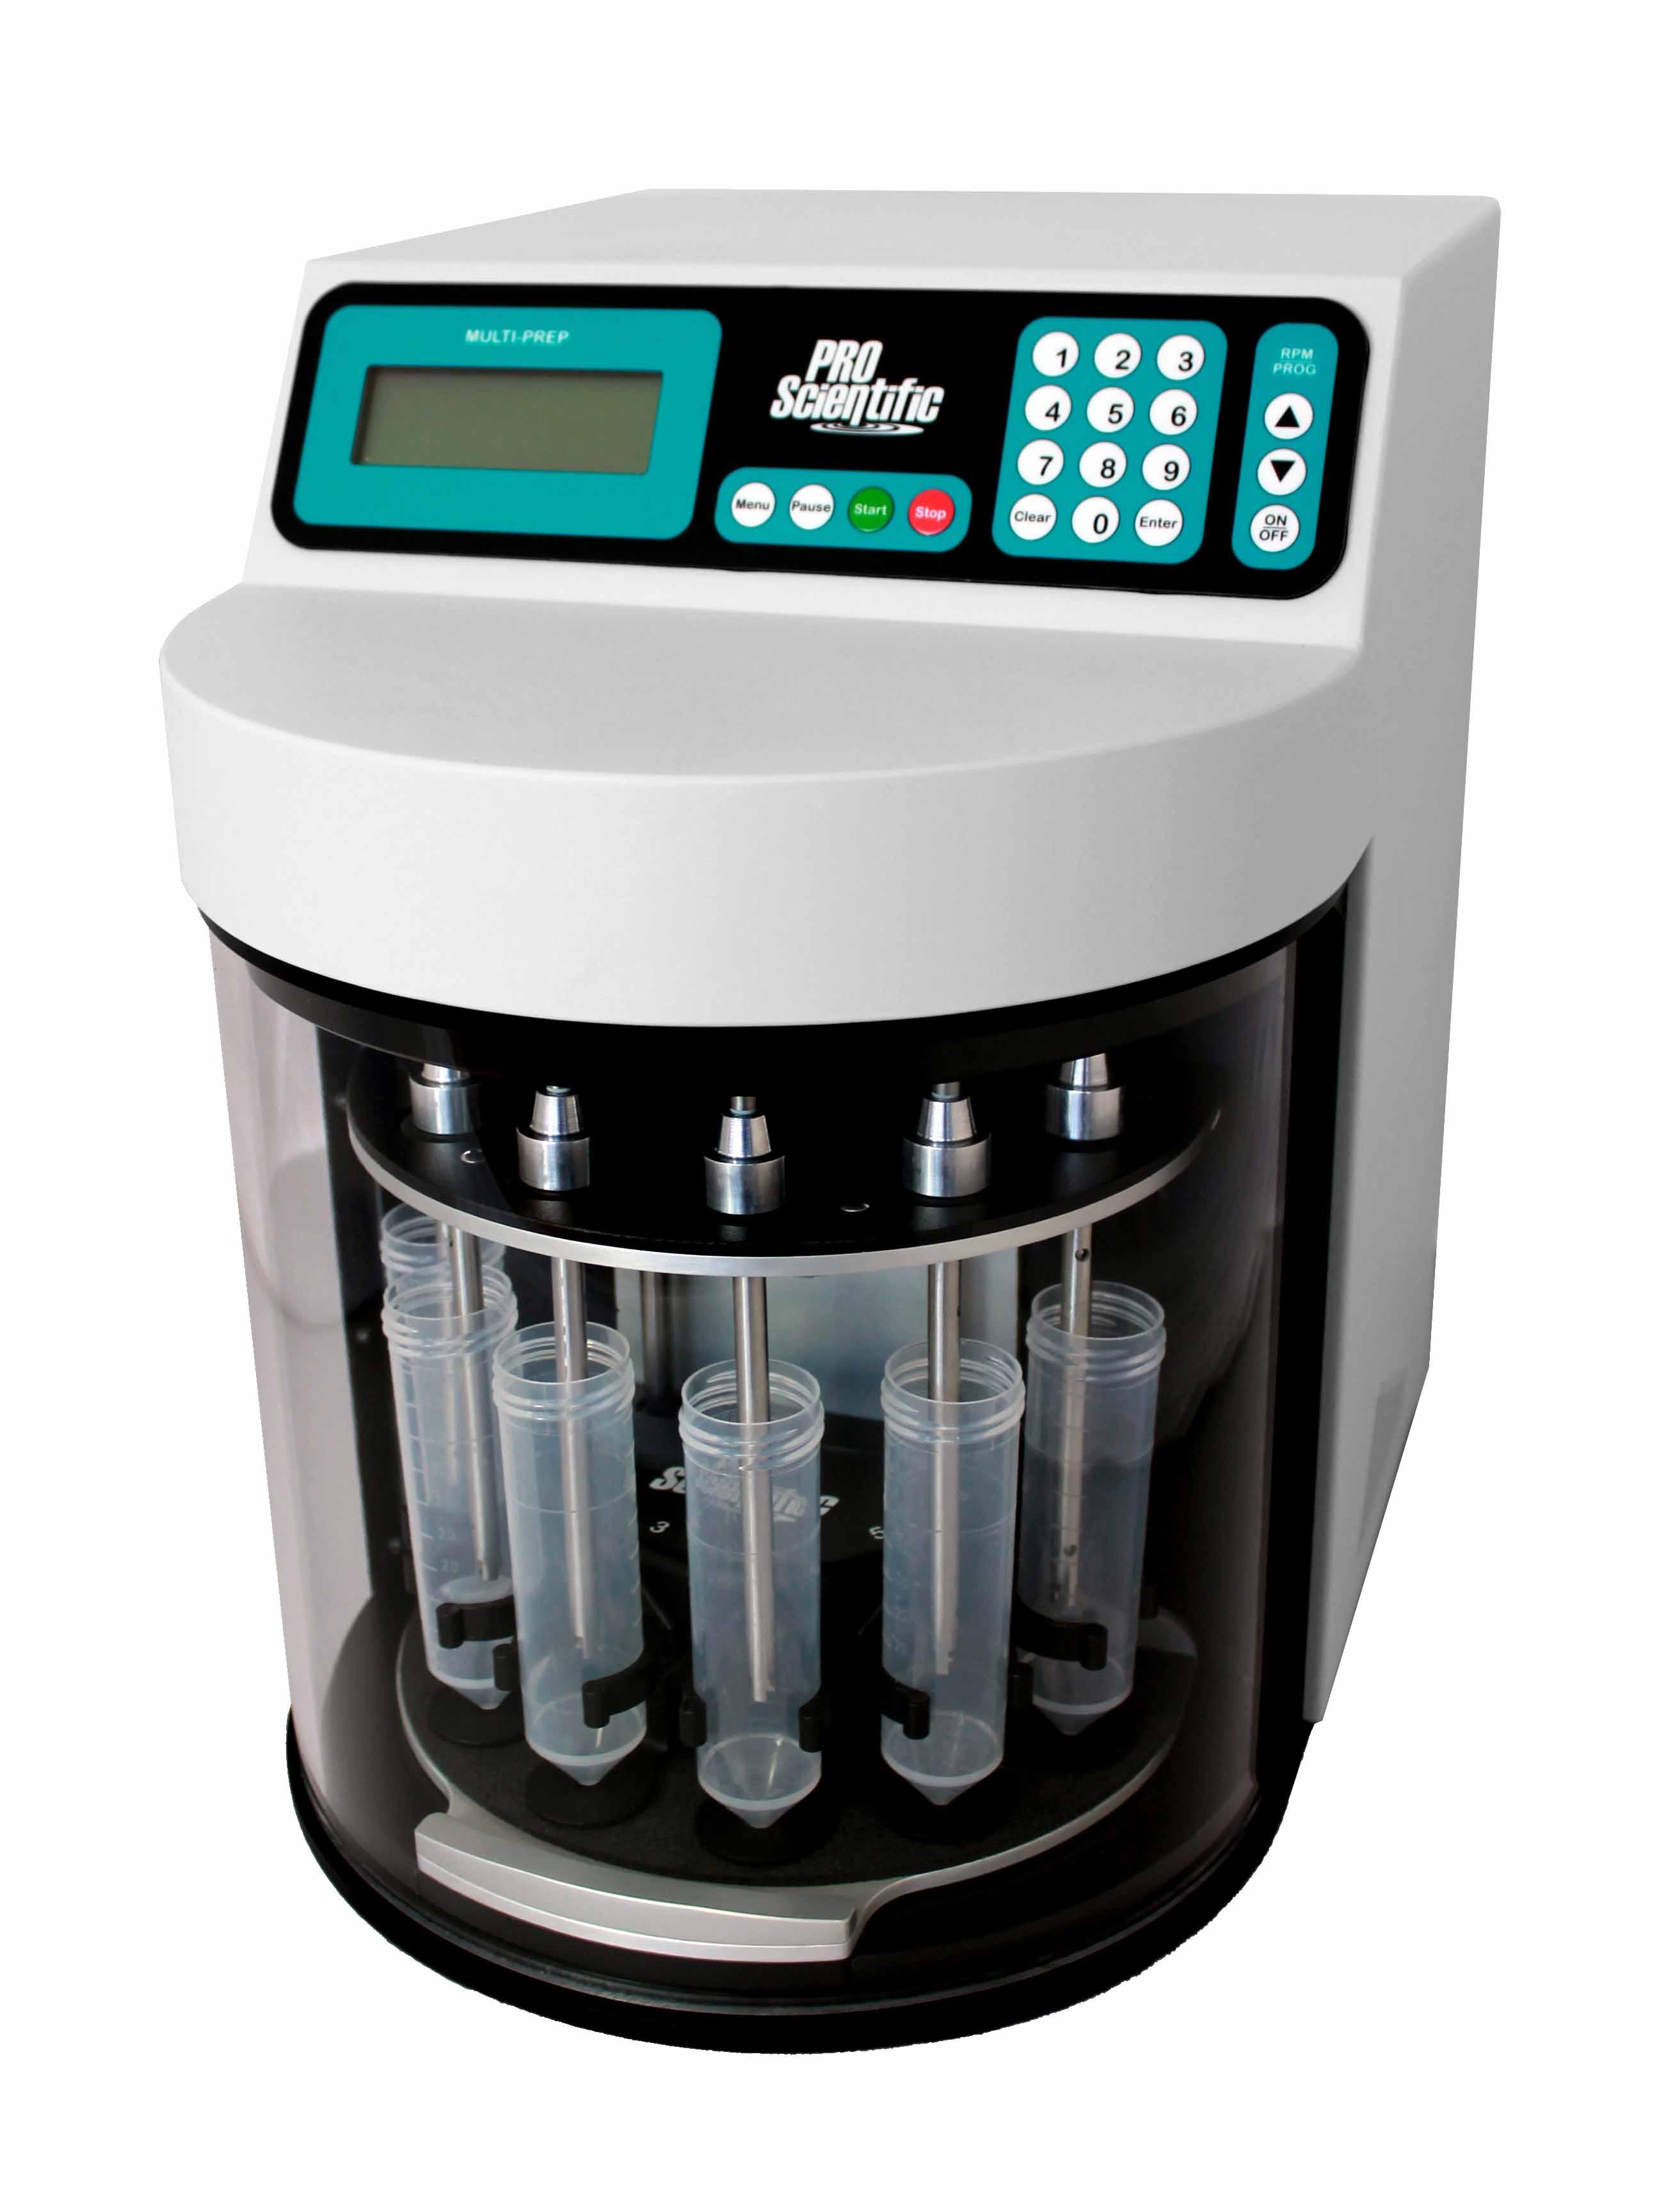 PRO Scientific Multi Prep Rapid Homogenizer